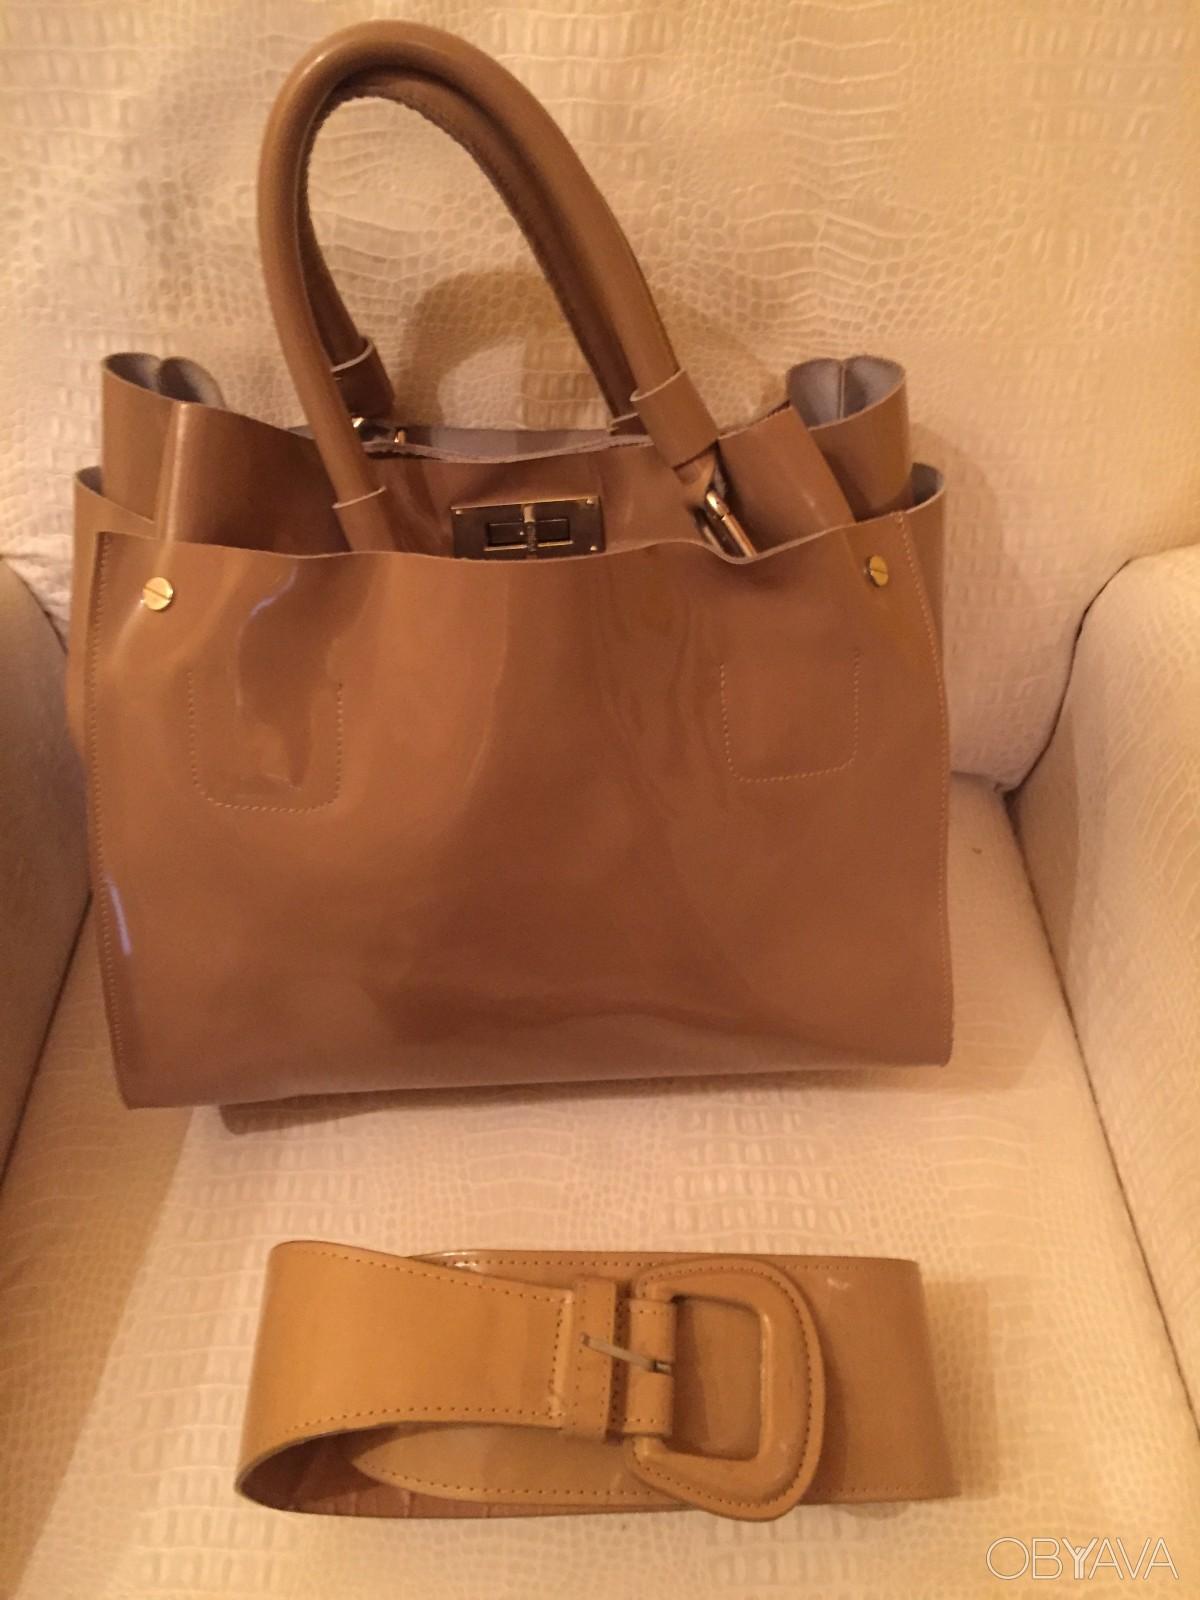 Кожаная сумка в Харькове Сравнить цены, купить